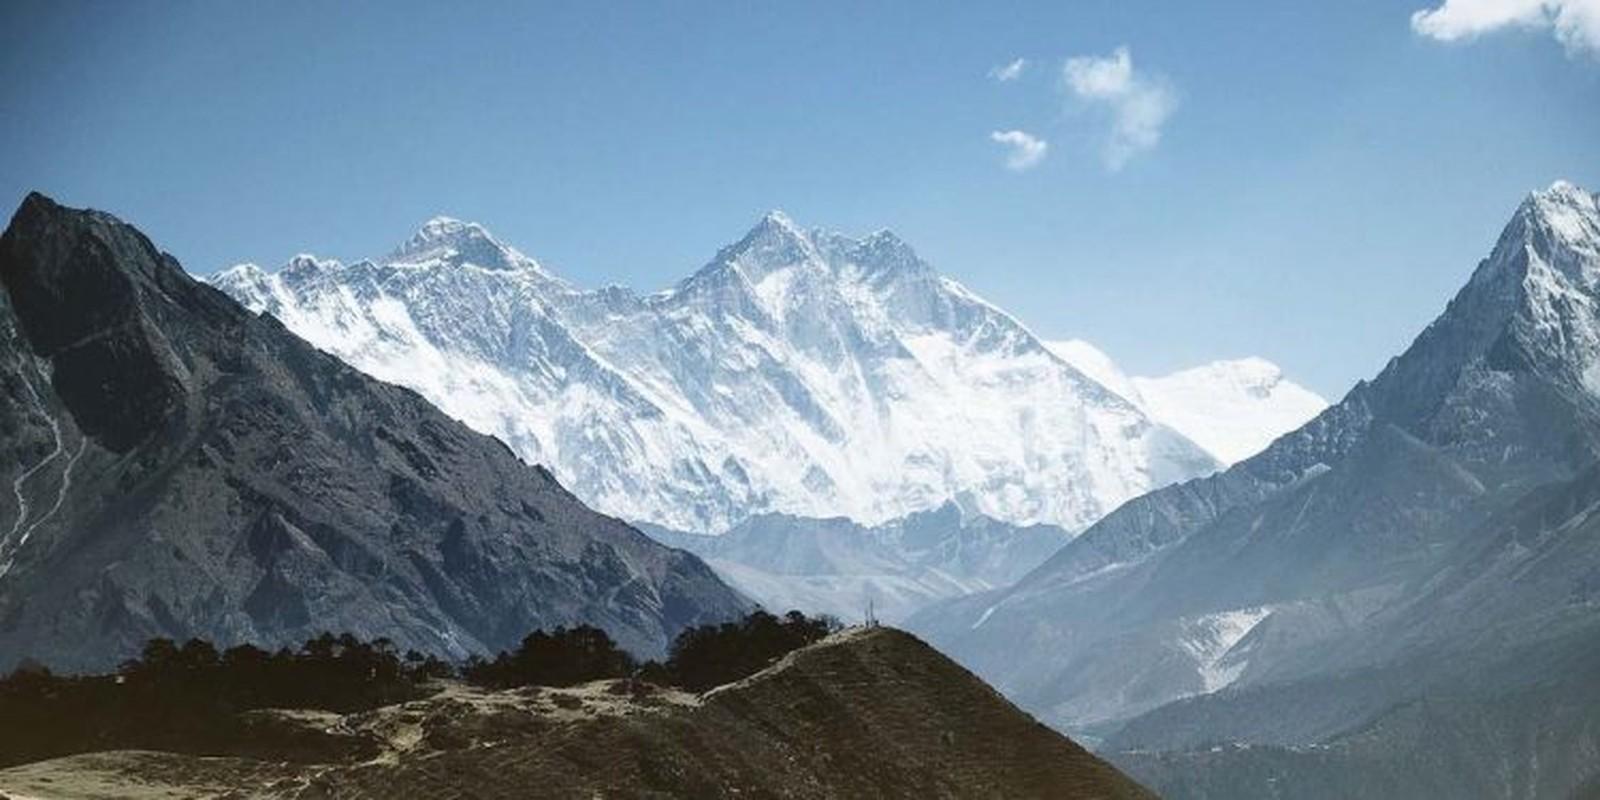 """Dich COVID-19 dang de doa """"noc nha the gioi"""" Everest the nao?-Hinh-7"""